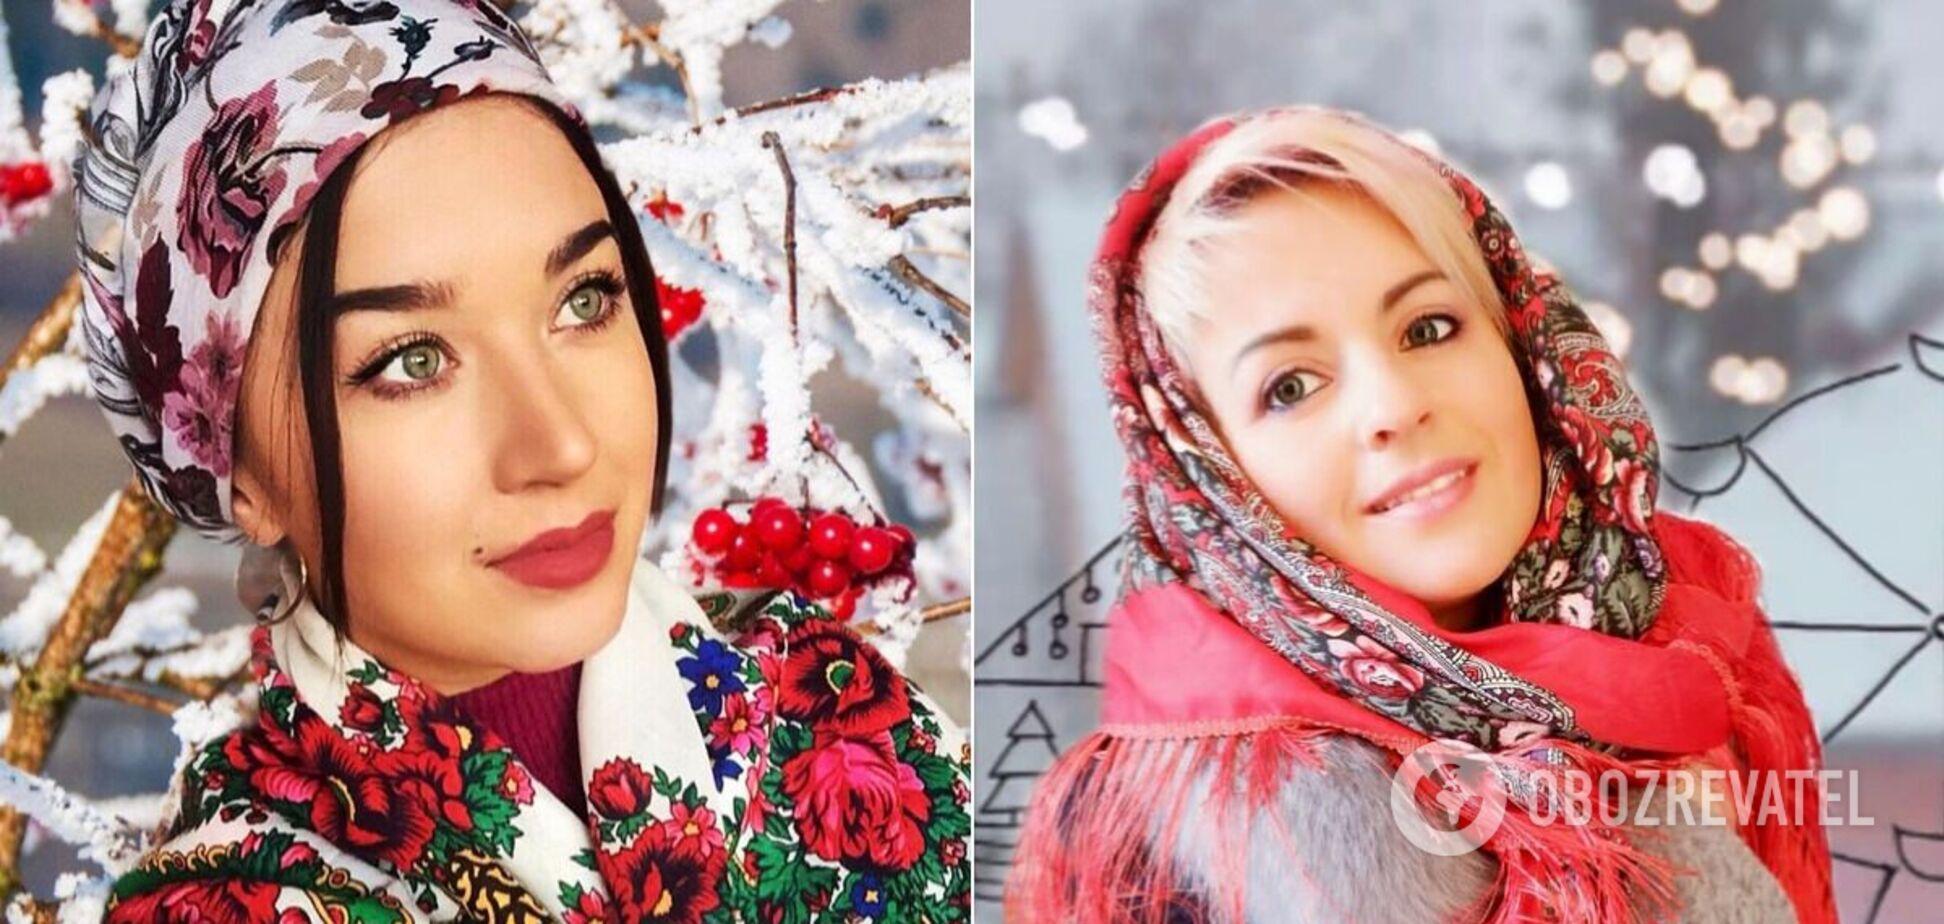 День української хустки: як у країні підтримали флешмоб із нагоди народного свята. Фото